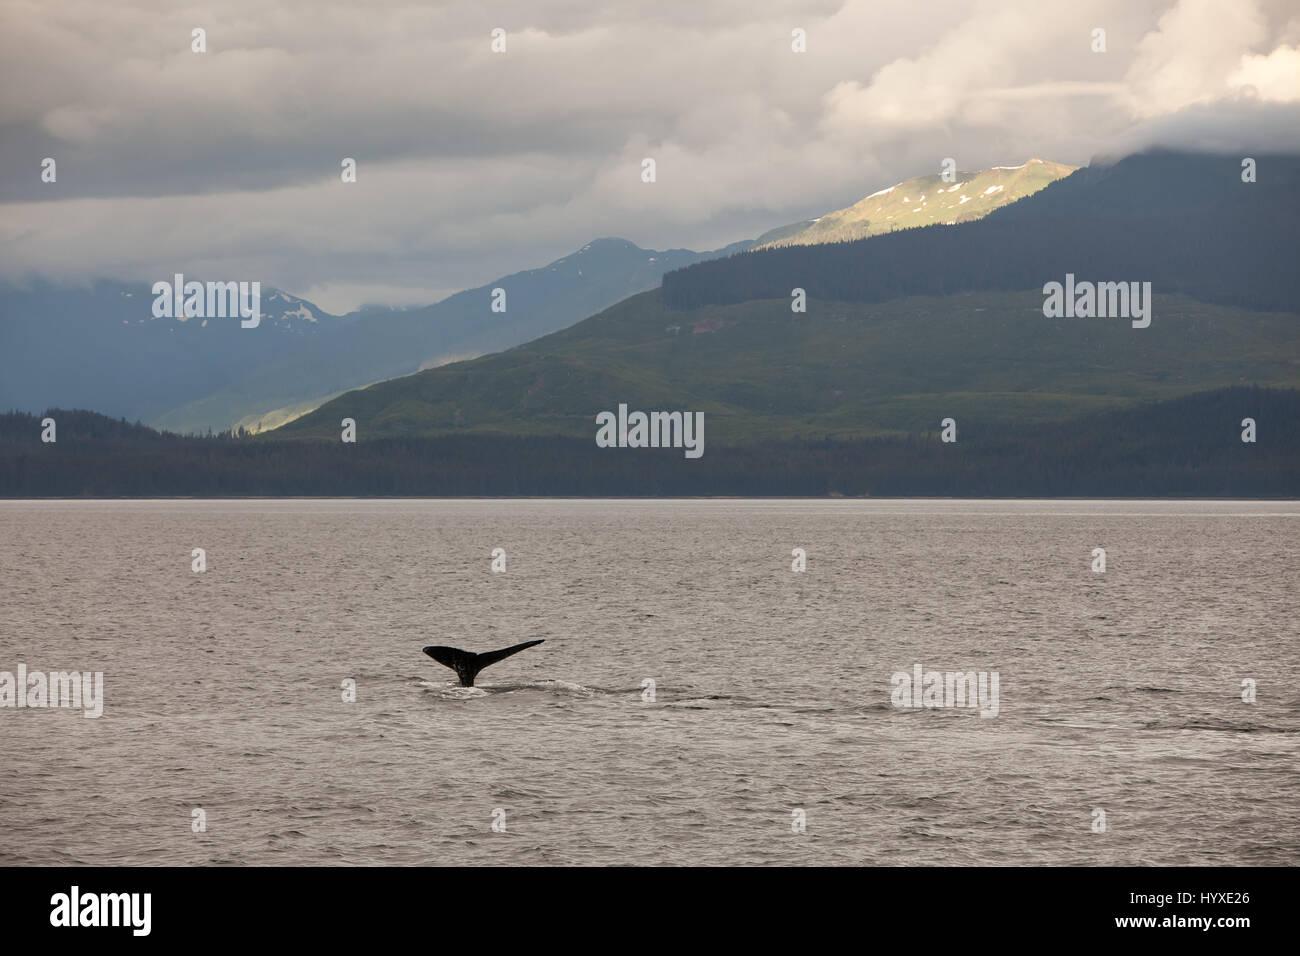 Zwischen Bergen und grünen Hügeln die Schwanzflosse eines Buckelwal verstößt gegen das Wasser. Stockbild